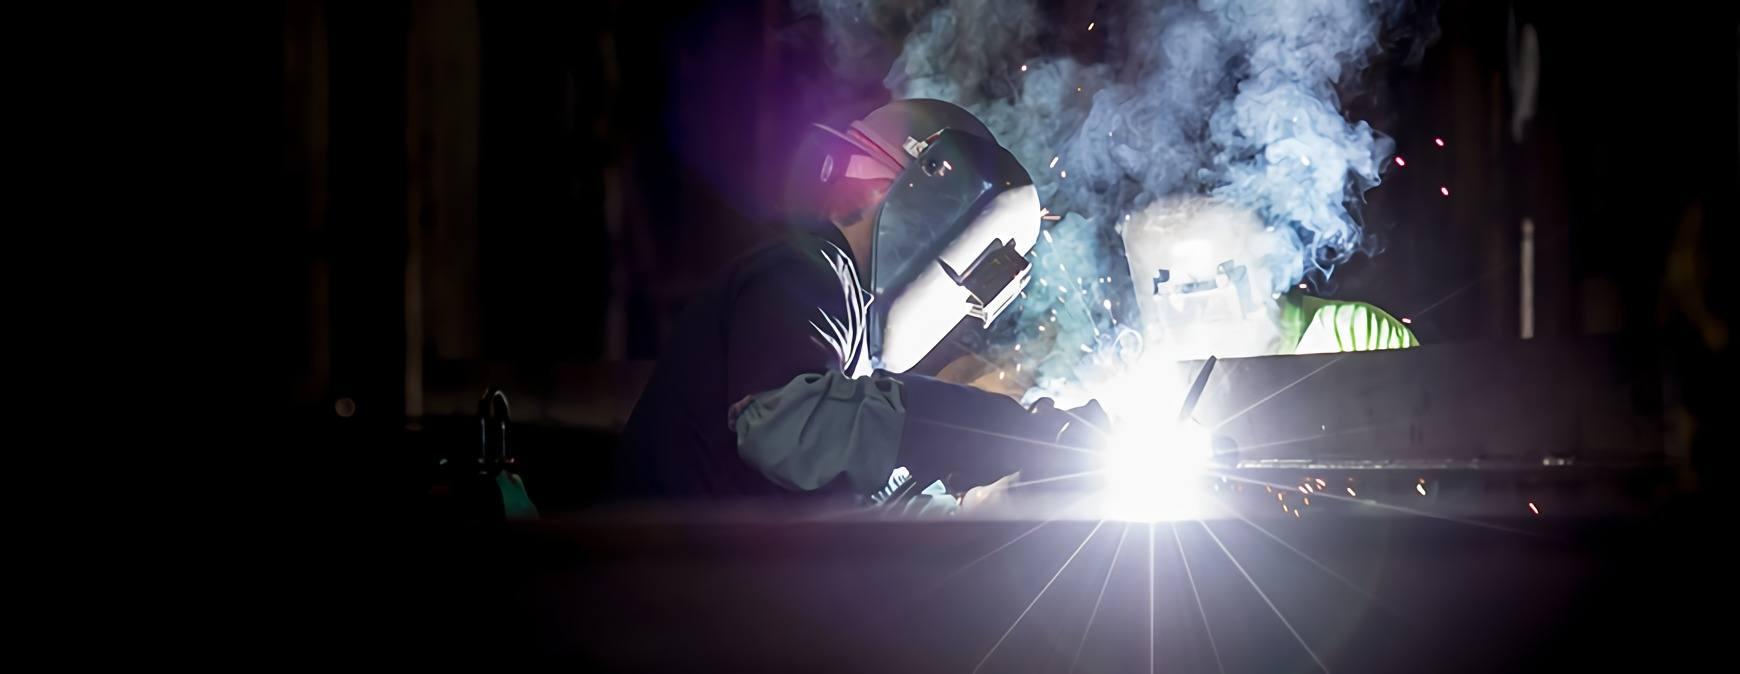 welder performing skilled job